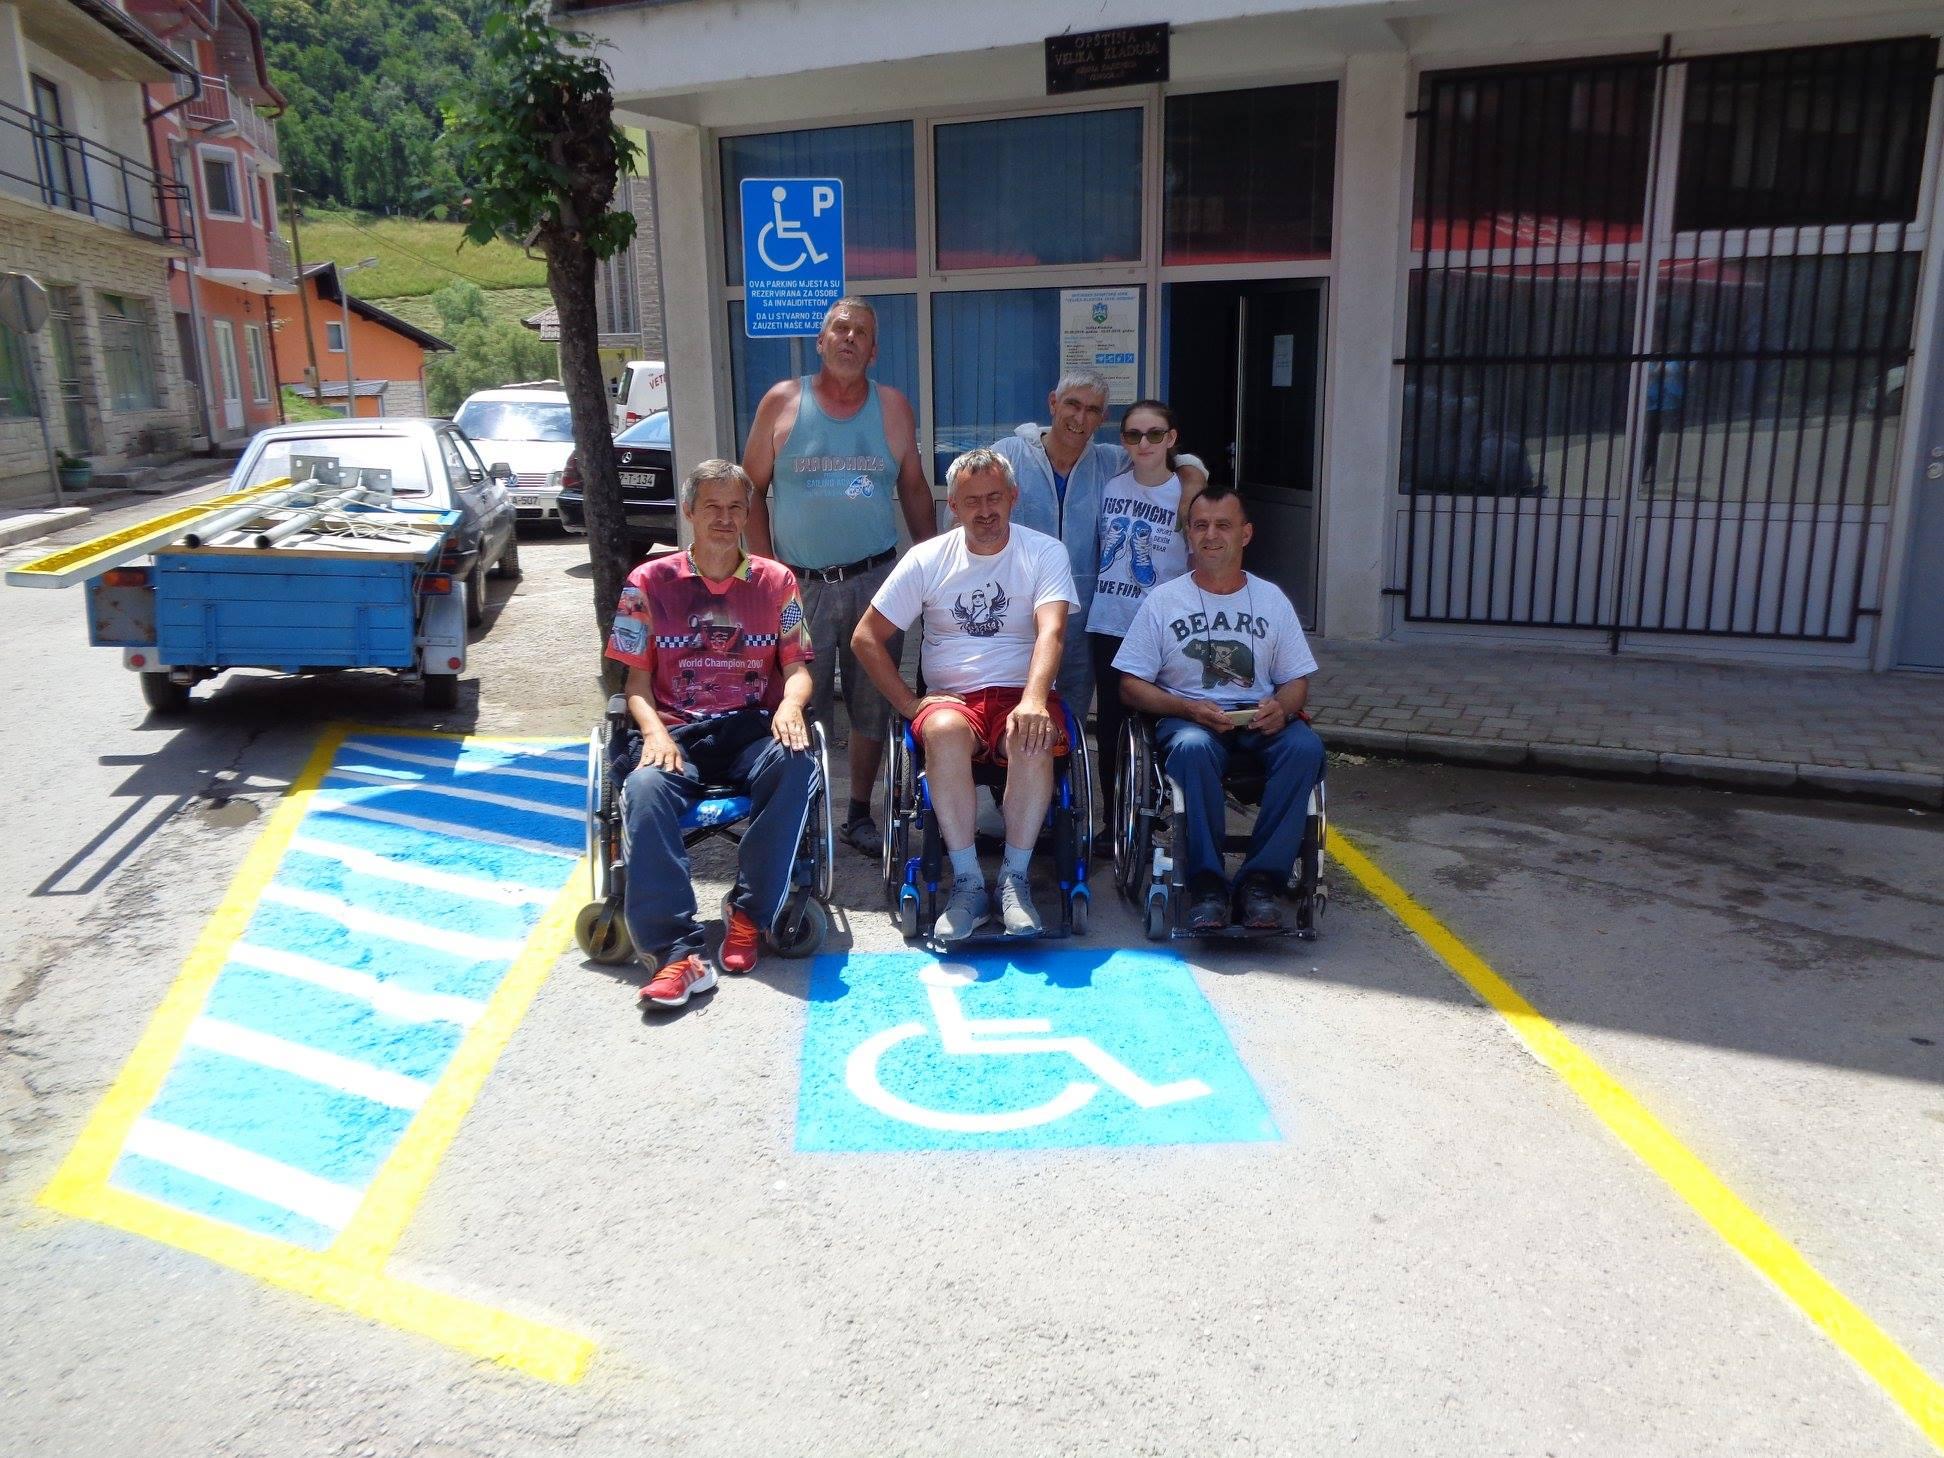 Pronalazak slobodnog mjesta za parkiranje vozila u Splitu ravan je dobitku na lutriji, to znaju svi, pa i brojni motorizirani turisti.